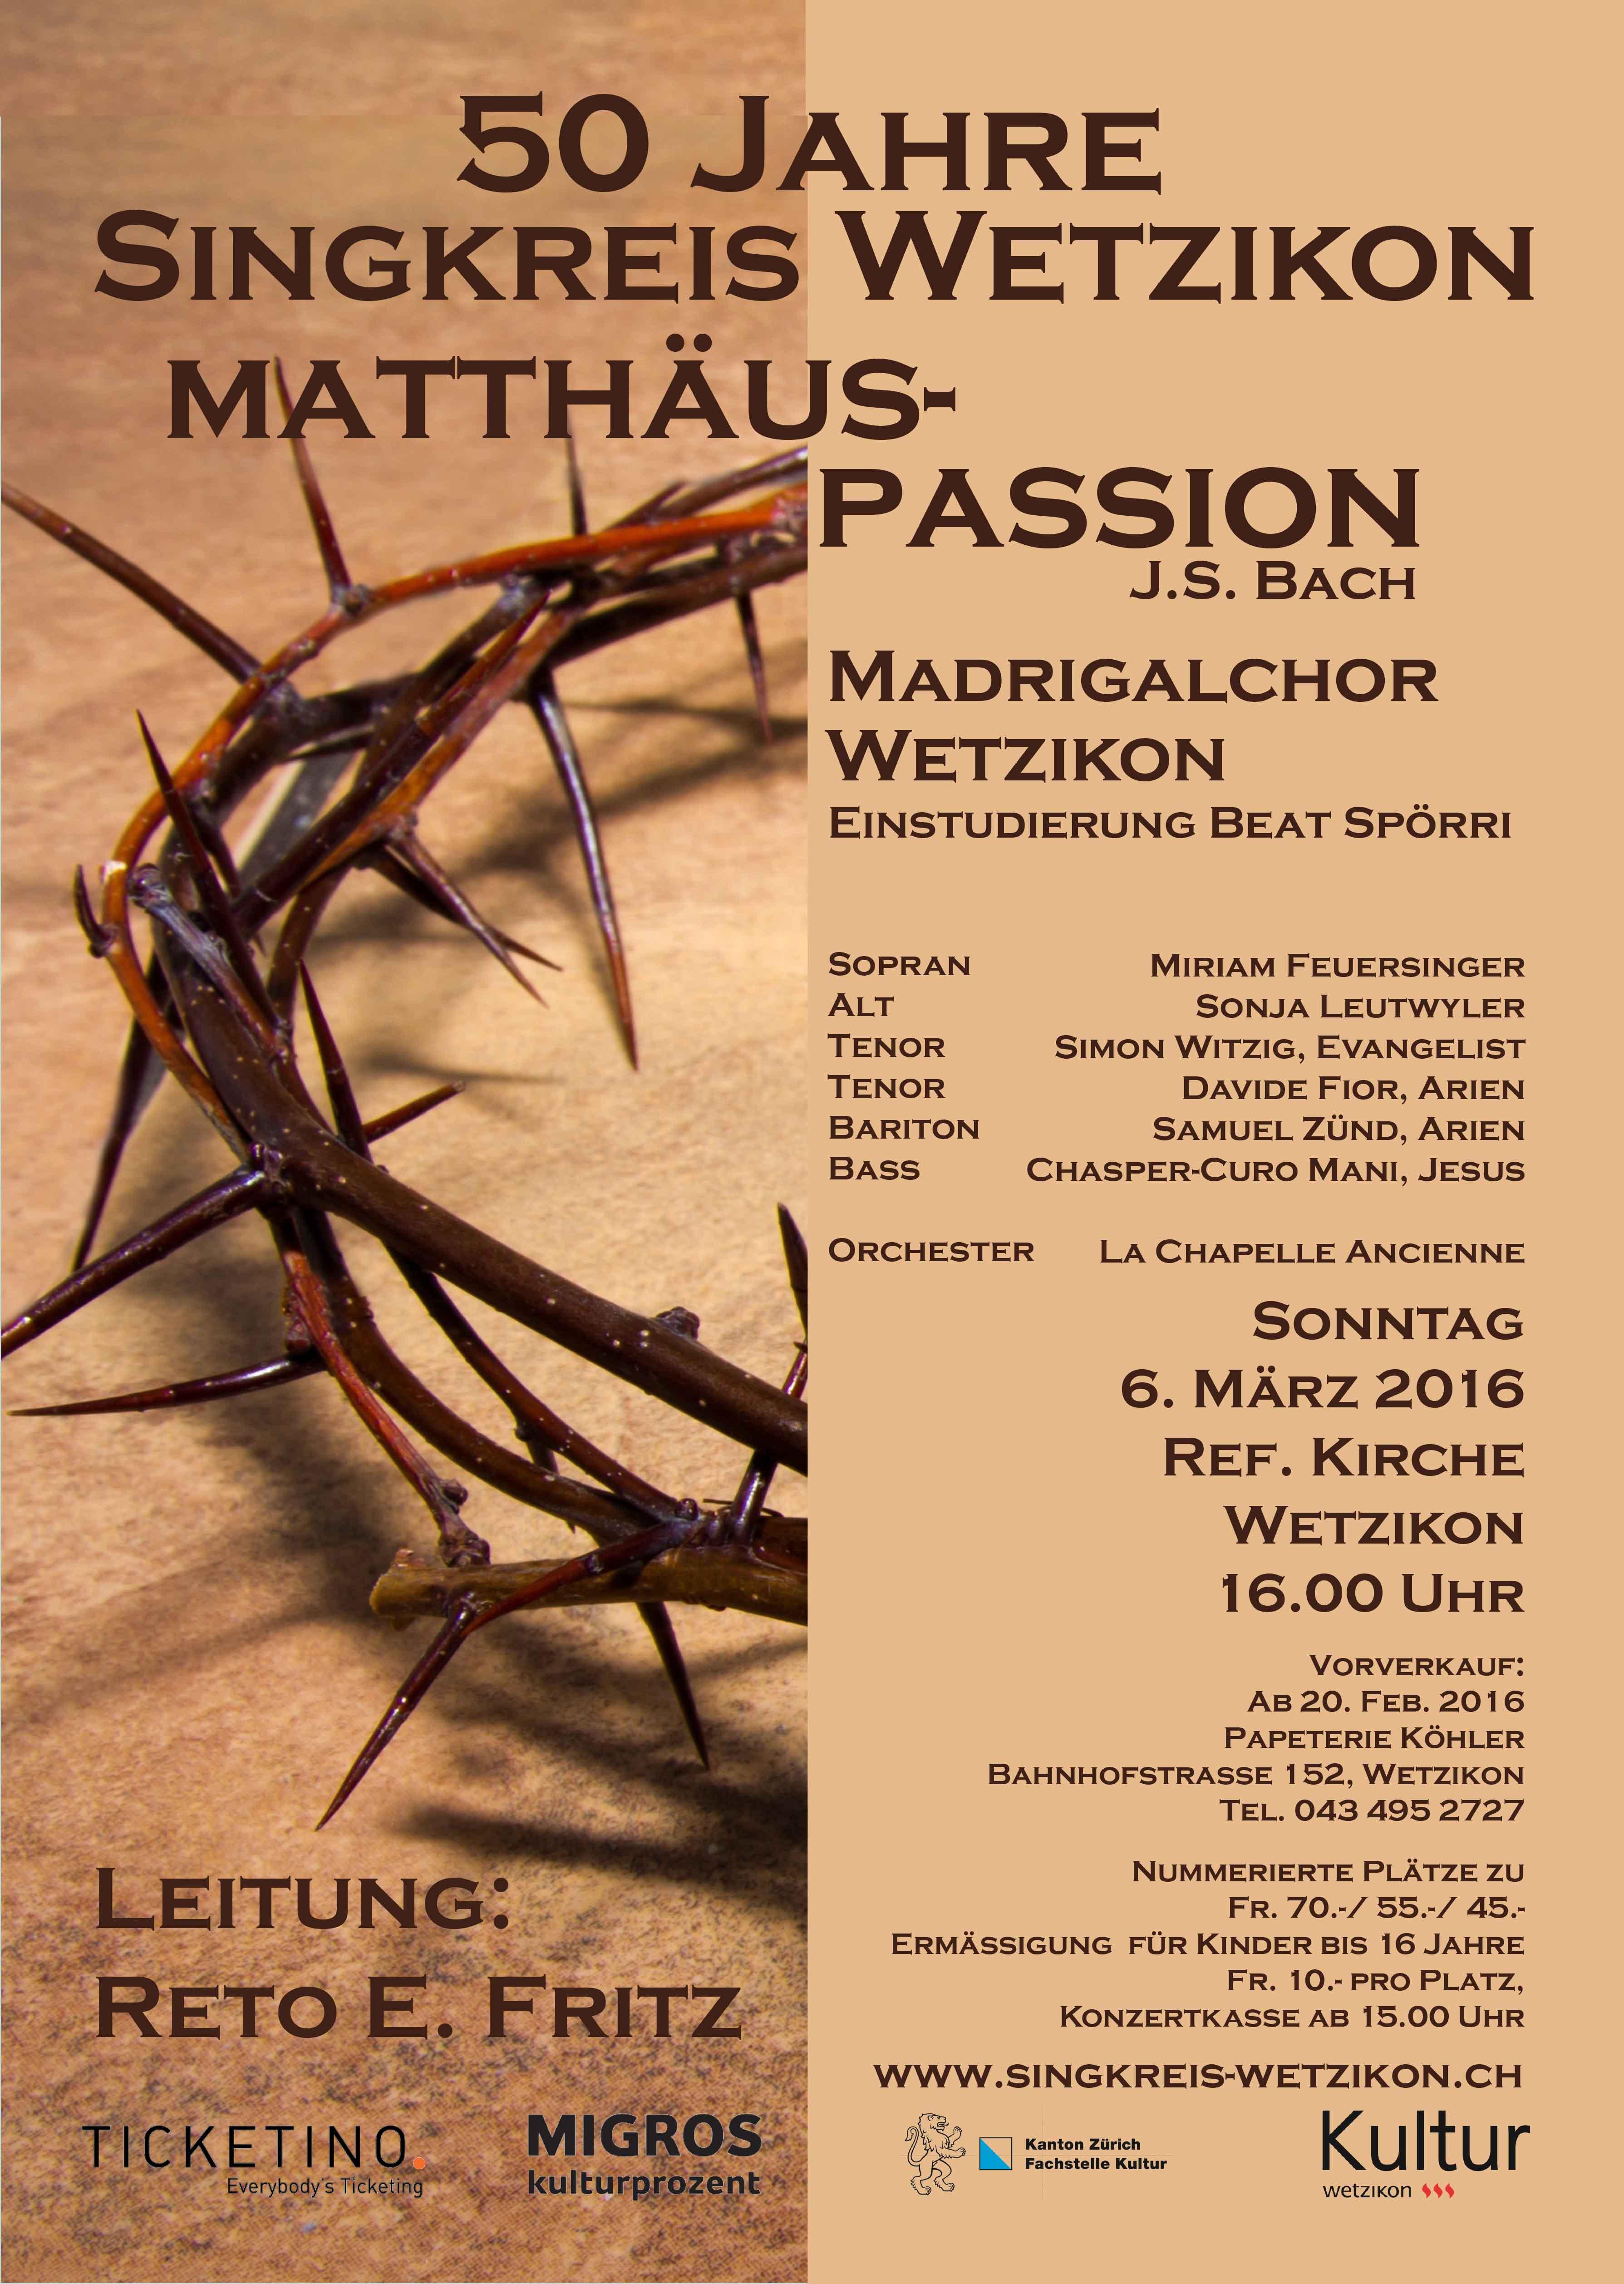 Matthäus Passion 2016